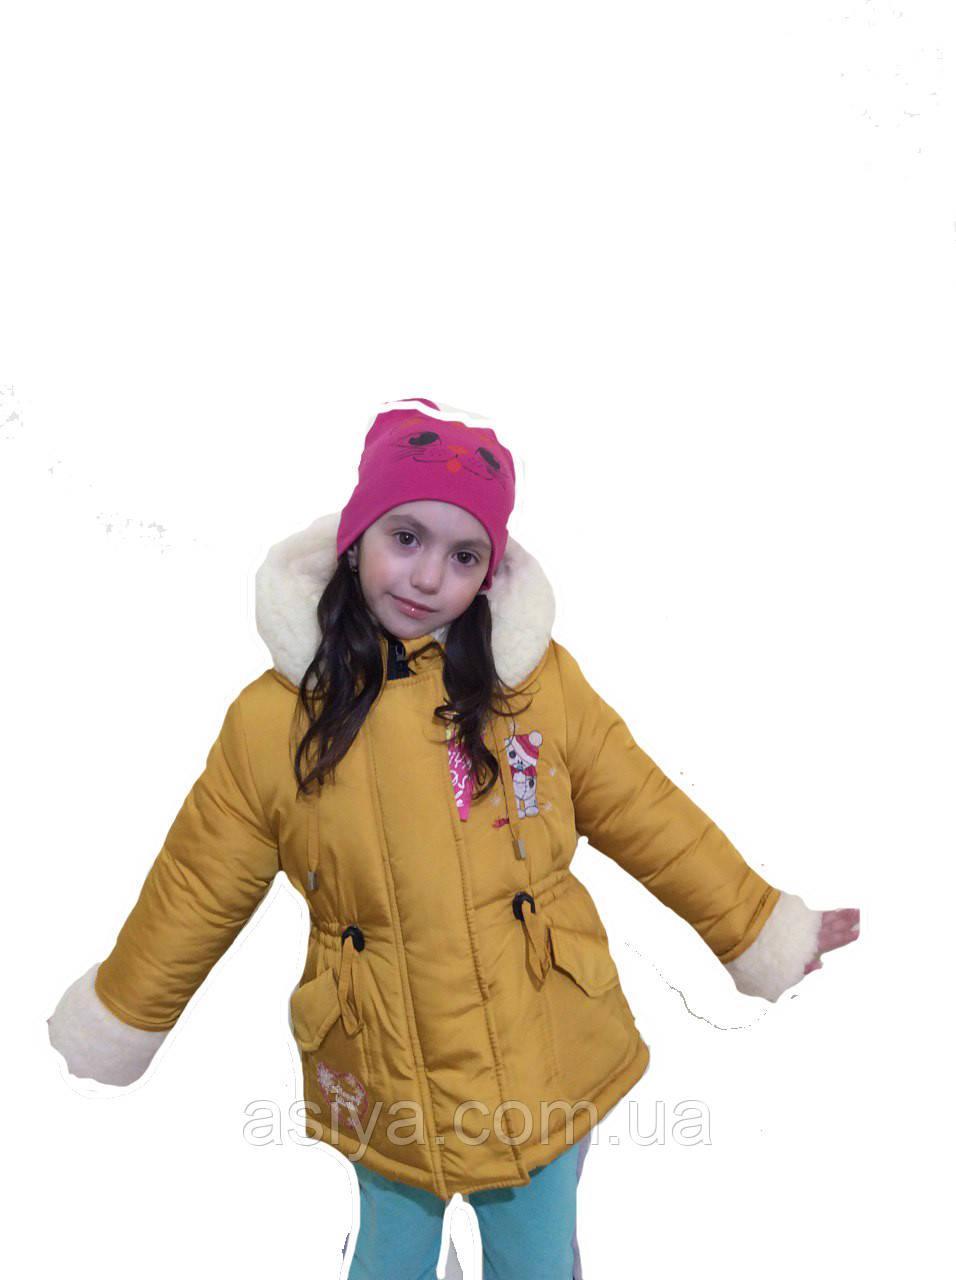 """Модная детская зимняя парка """"Тедди"""" для девочек горчичного цвета"""